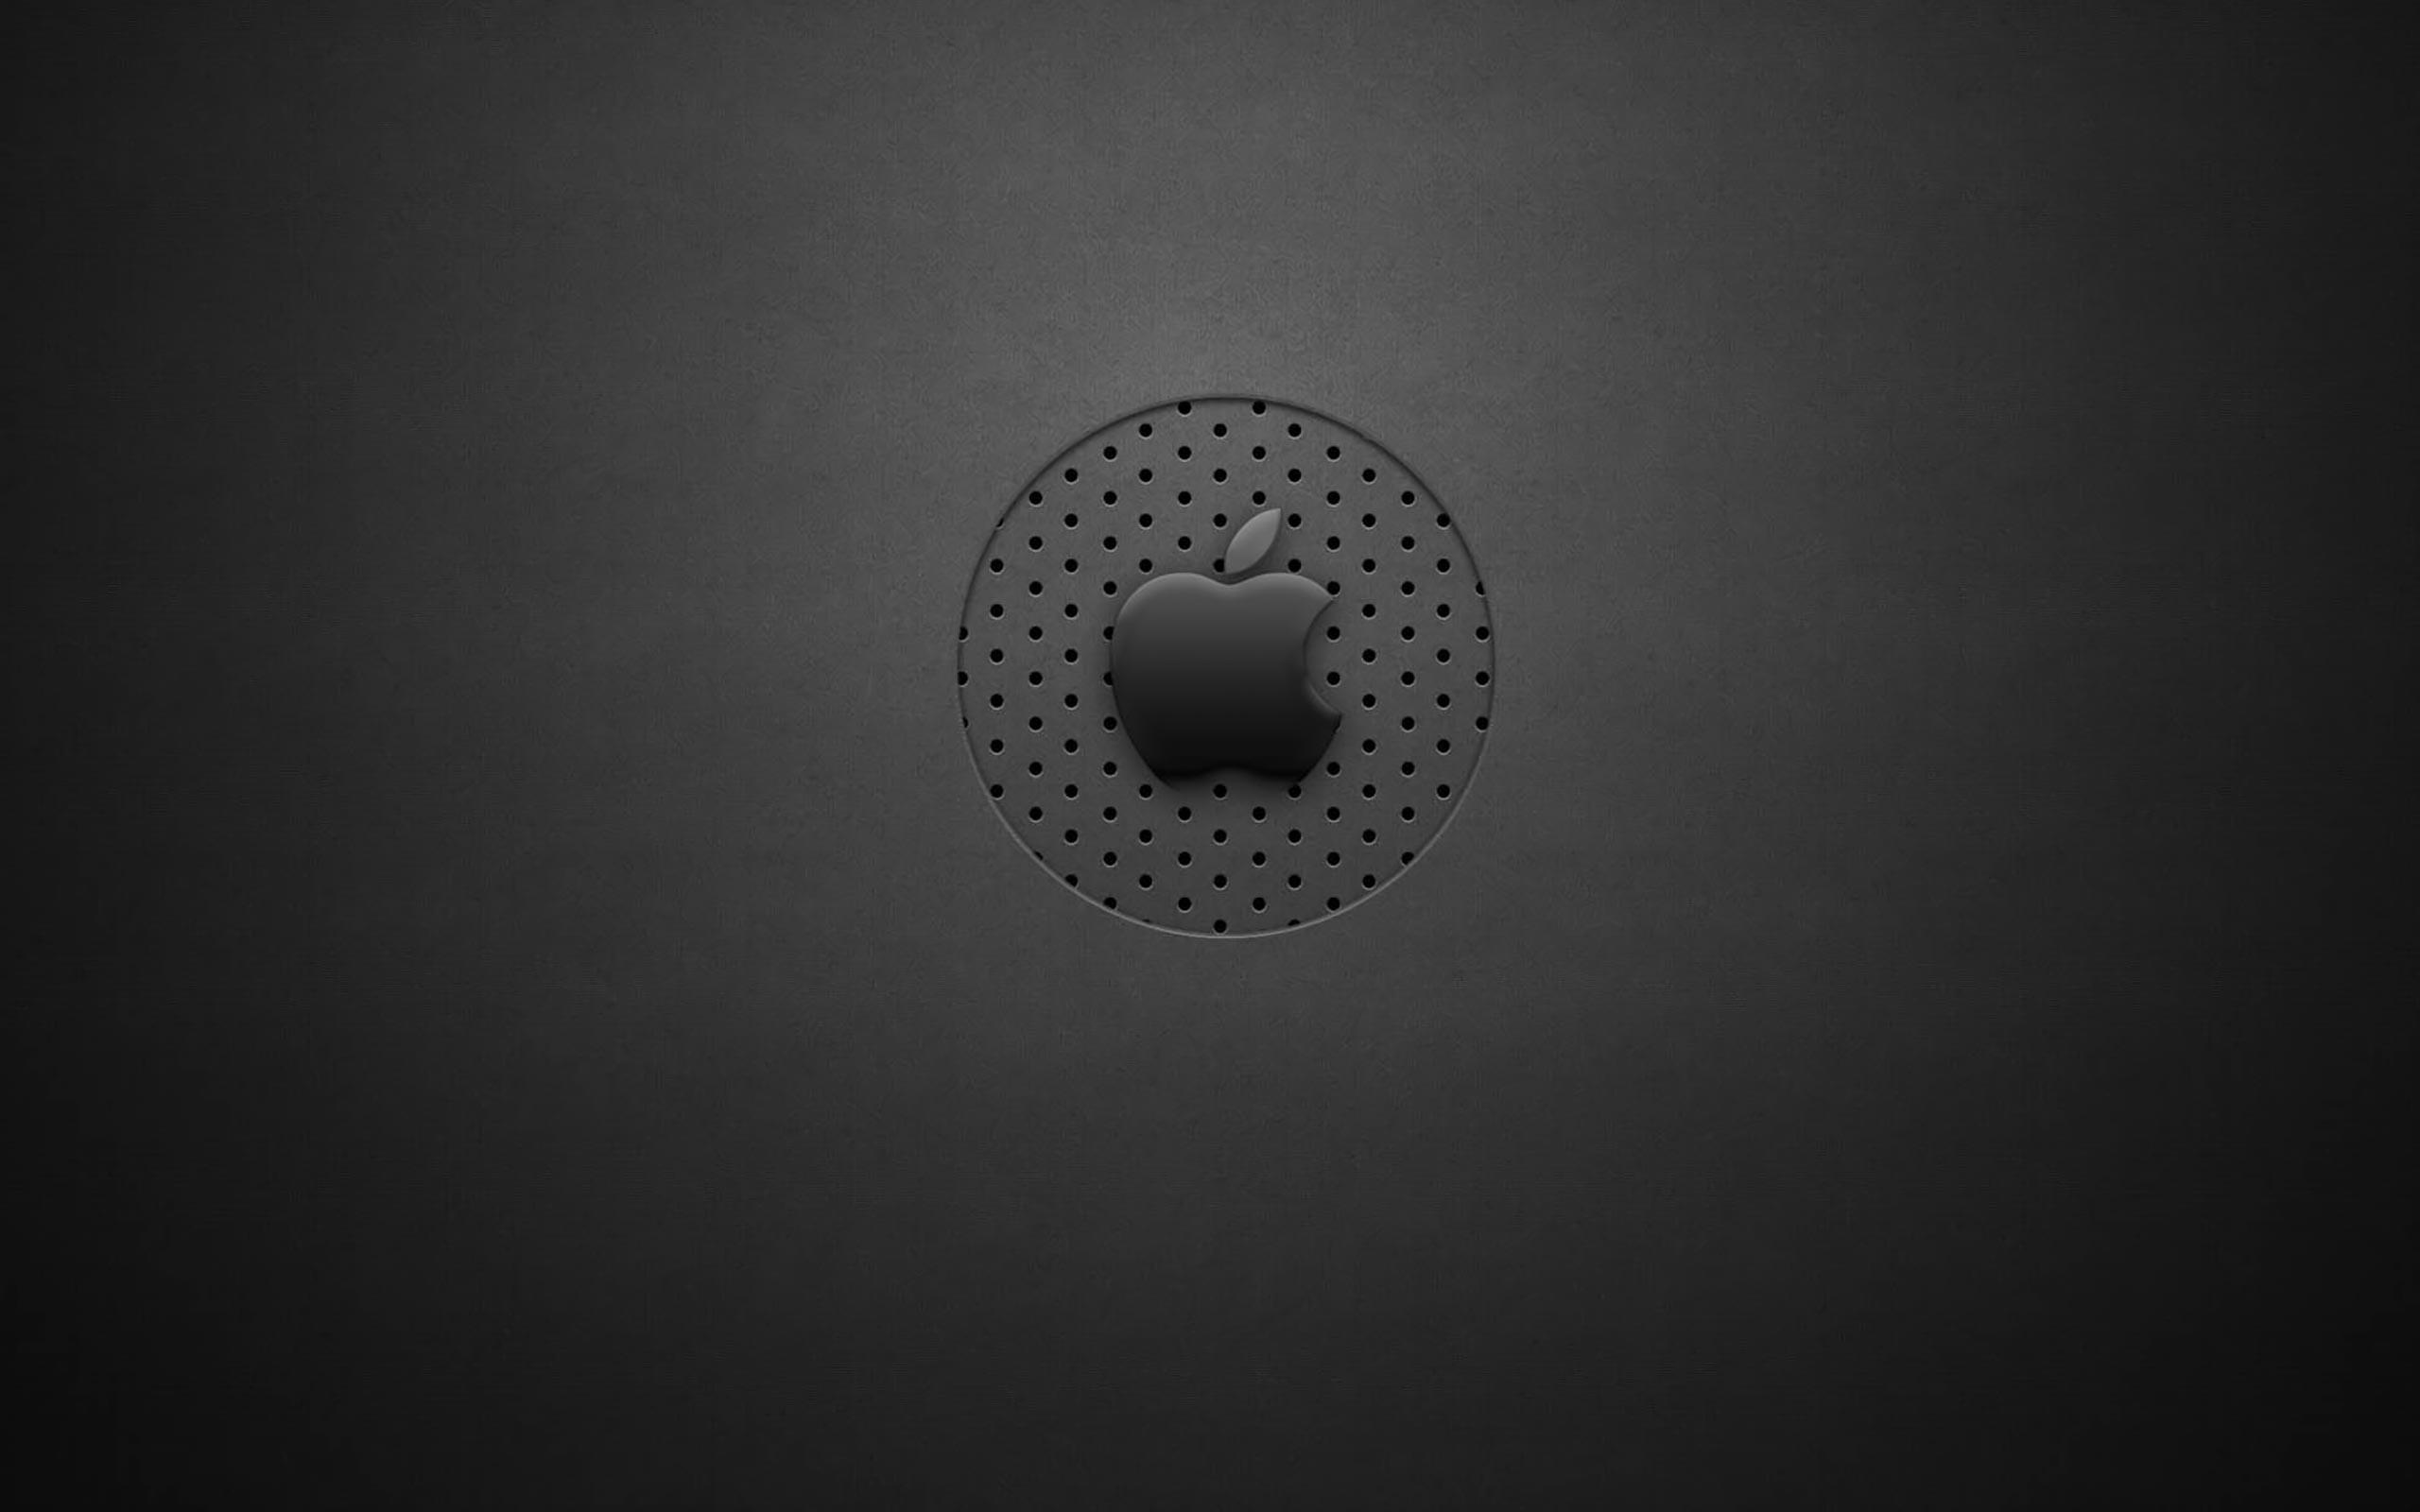 Desktop Wallpapers Macbook Pro – Wallpaper Zone